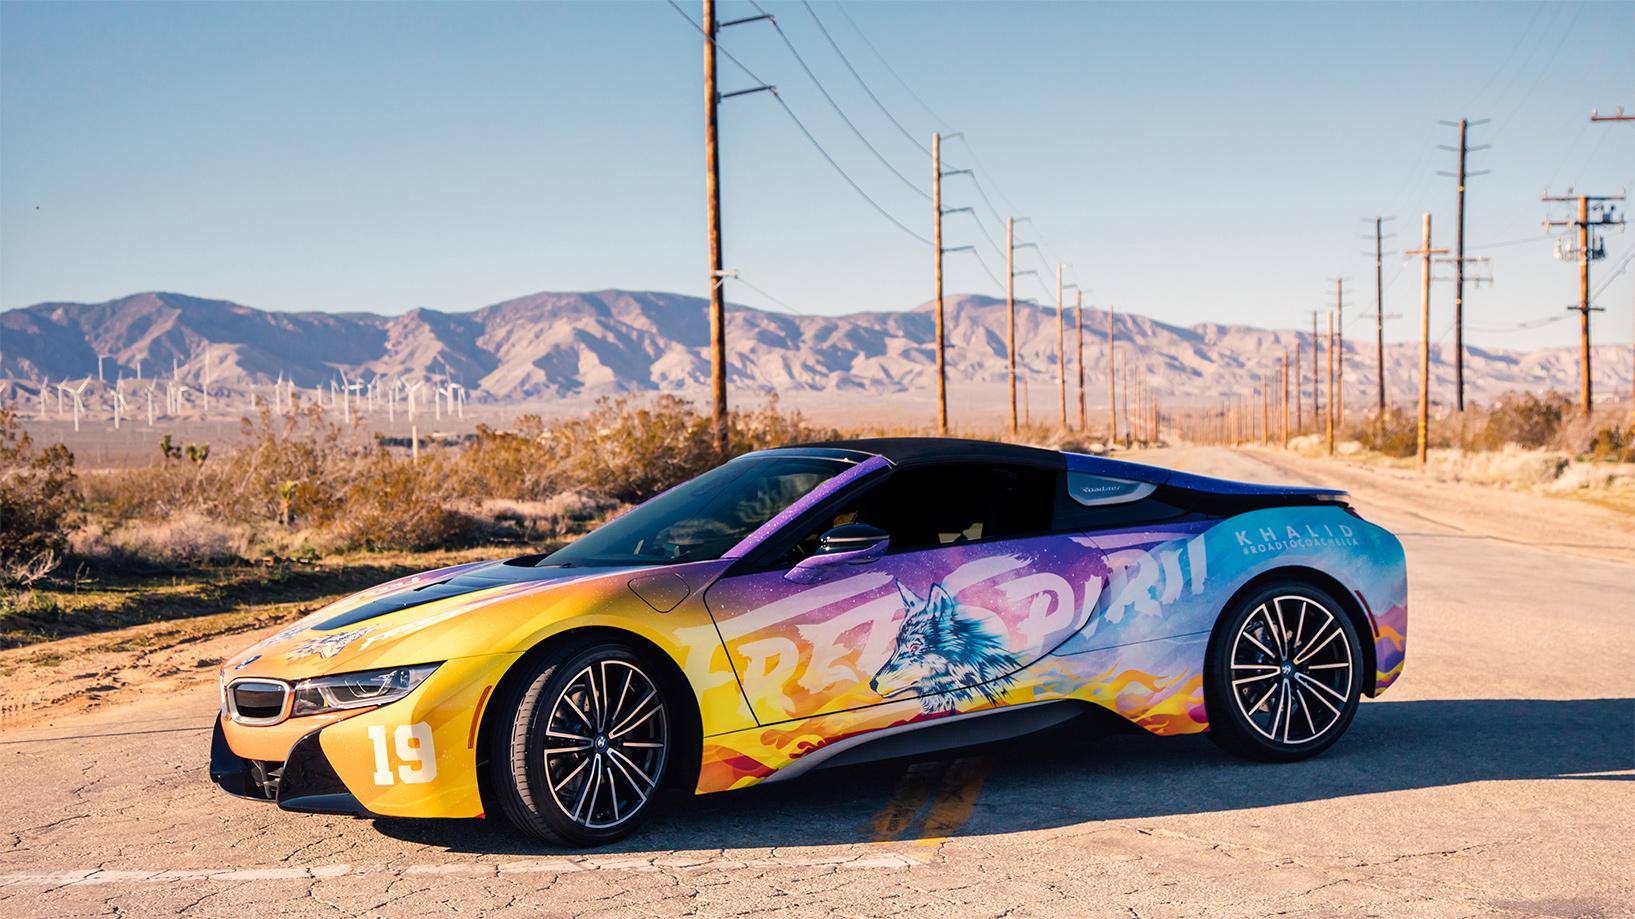 TrackWorthy - BMW i8 Coachella (4)